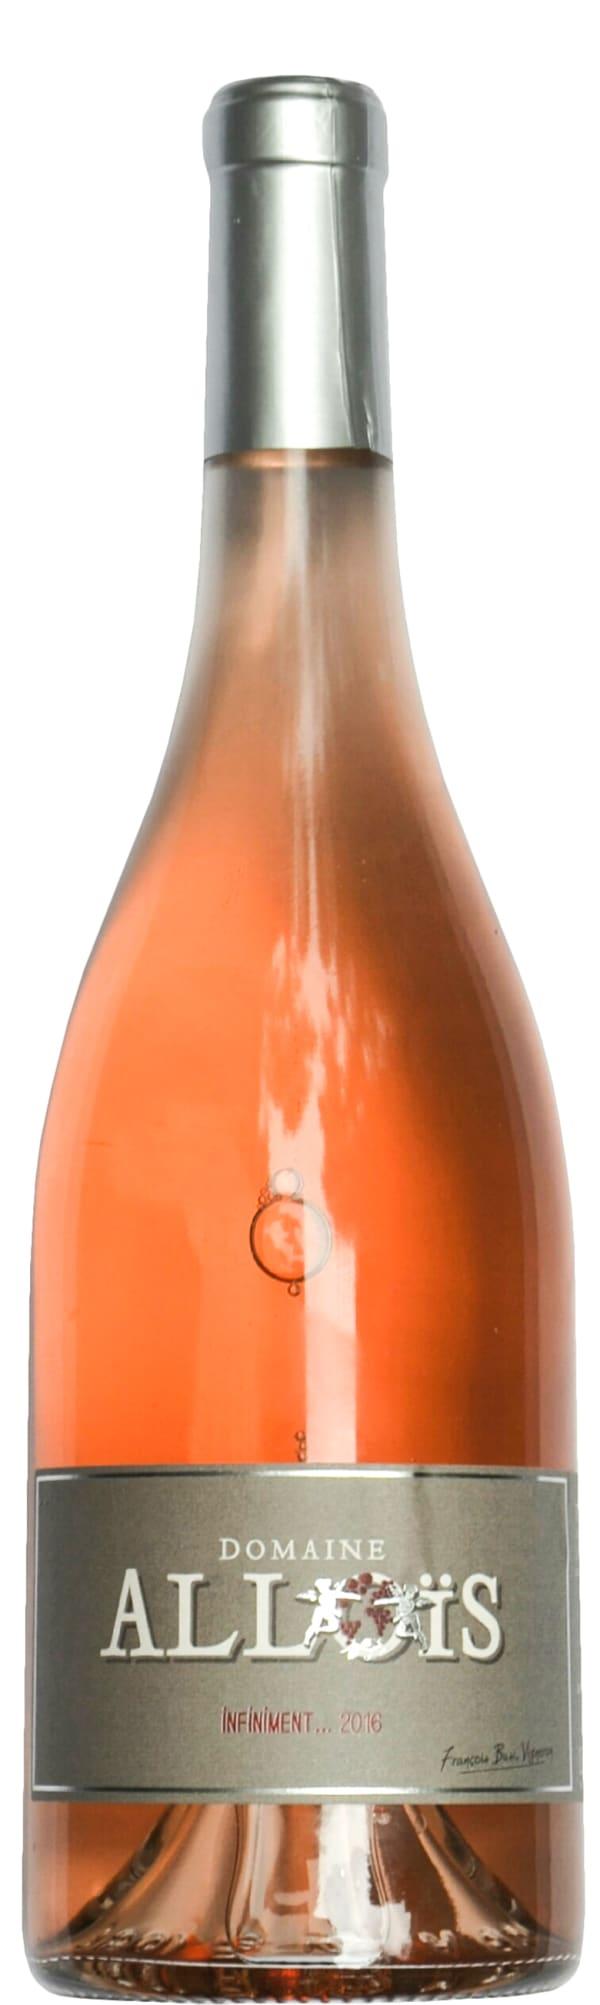 Domaine Allois Infiniment Rosé 2016